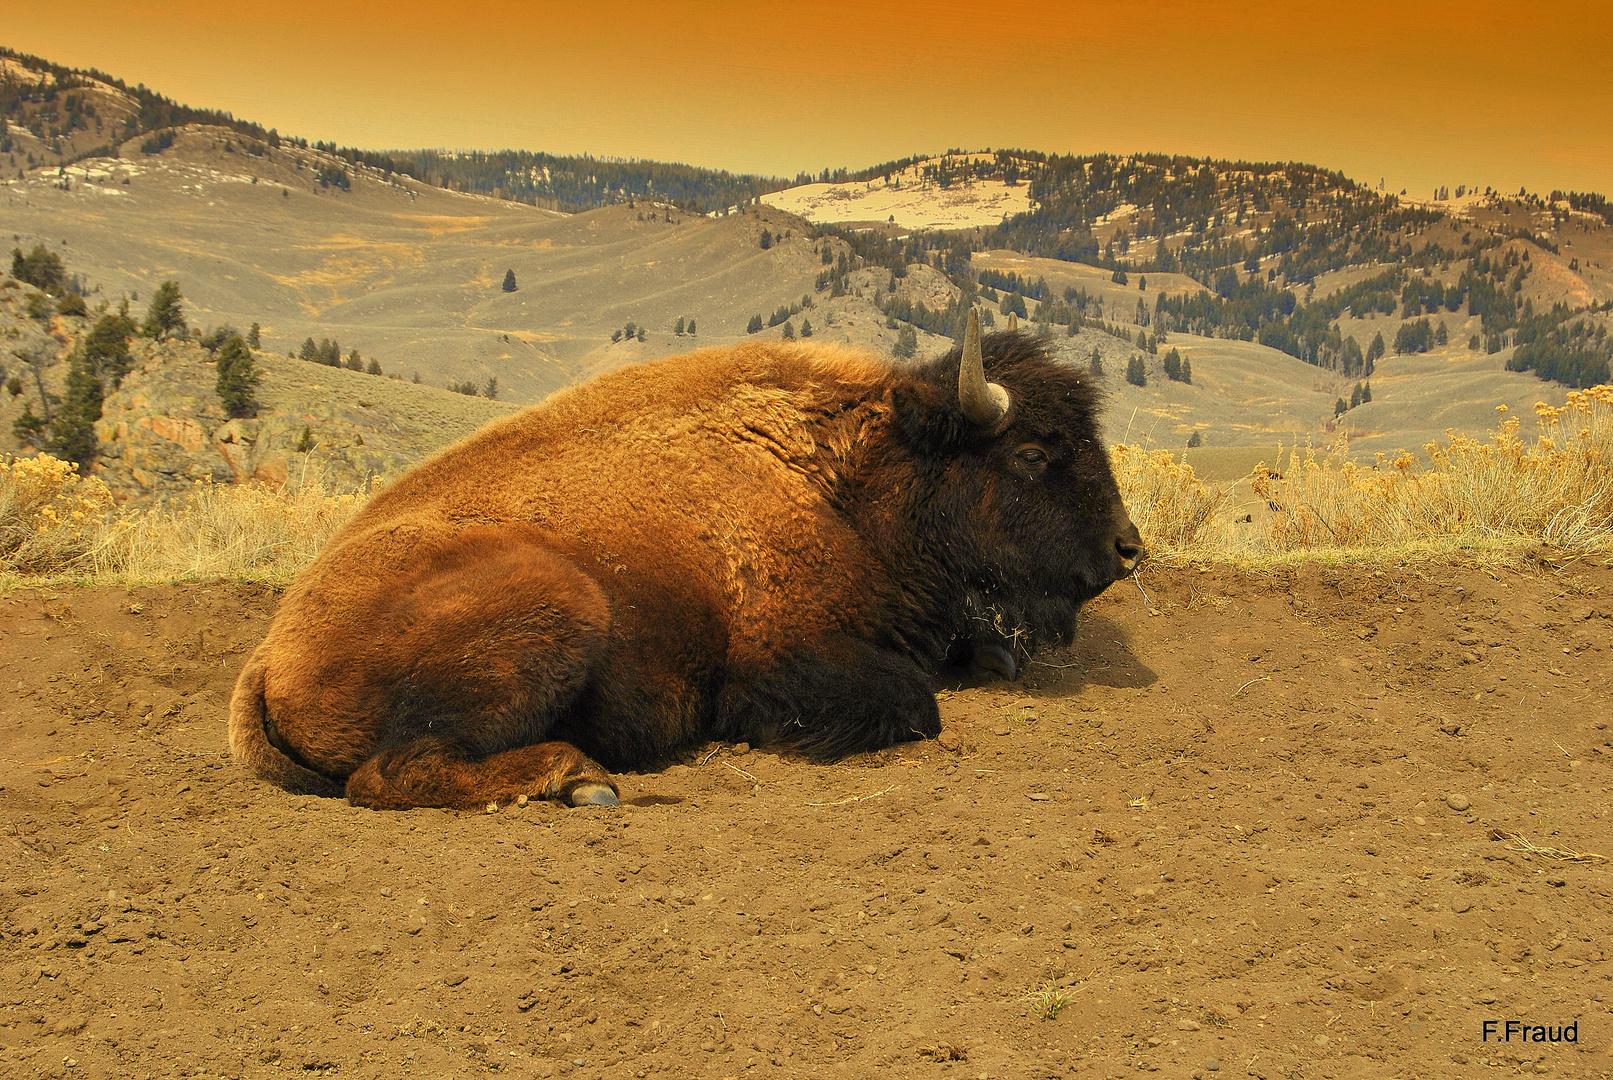 La pause du bison